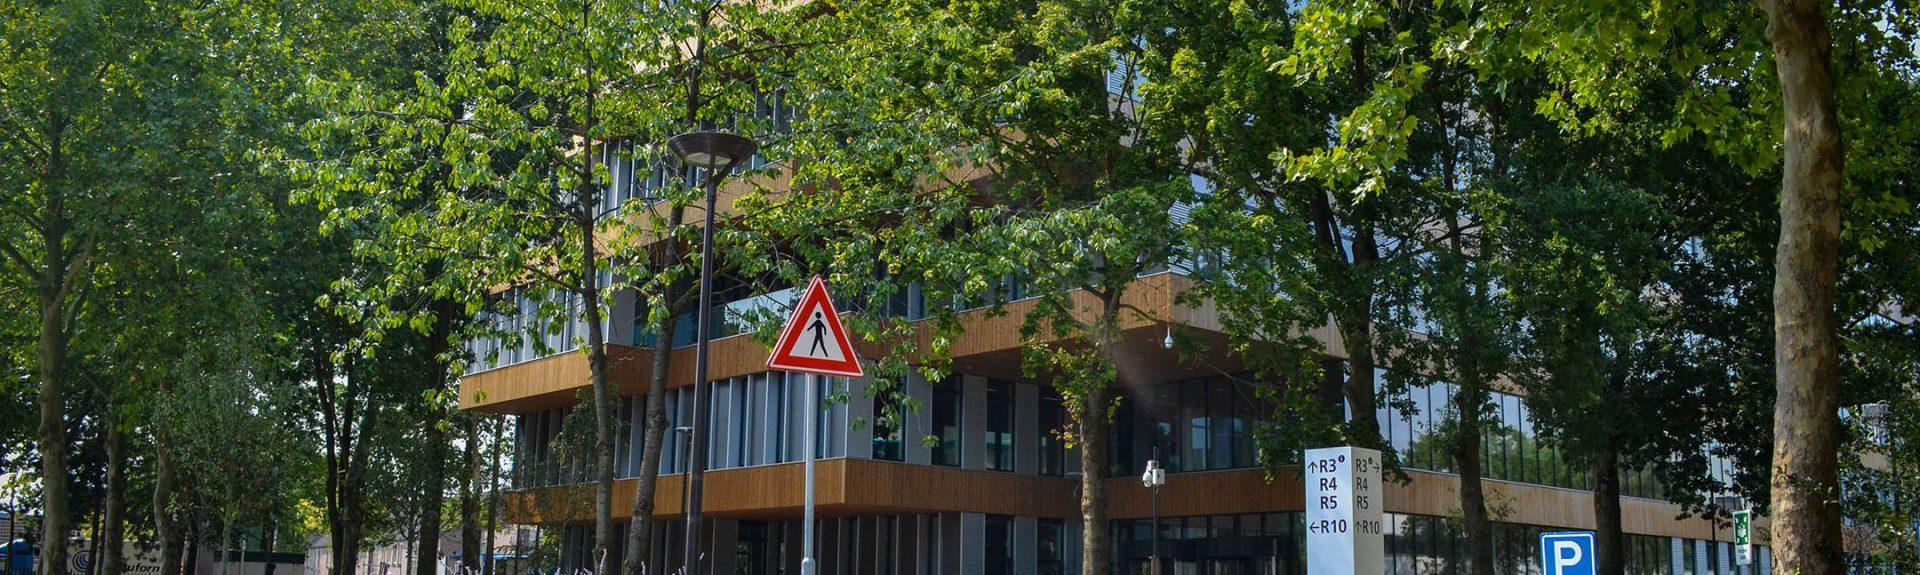 20200513_TenG_Fontys R10 Eindhoven (3)